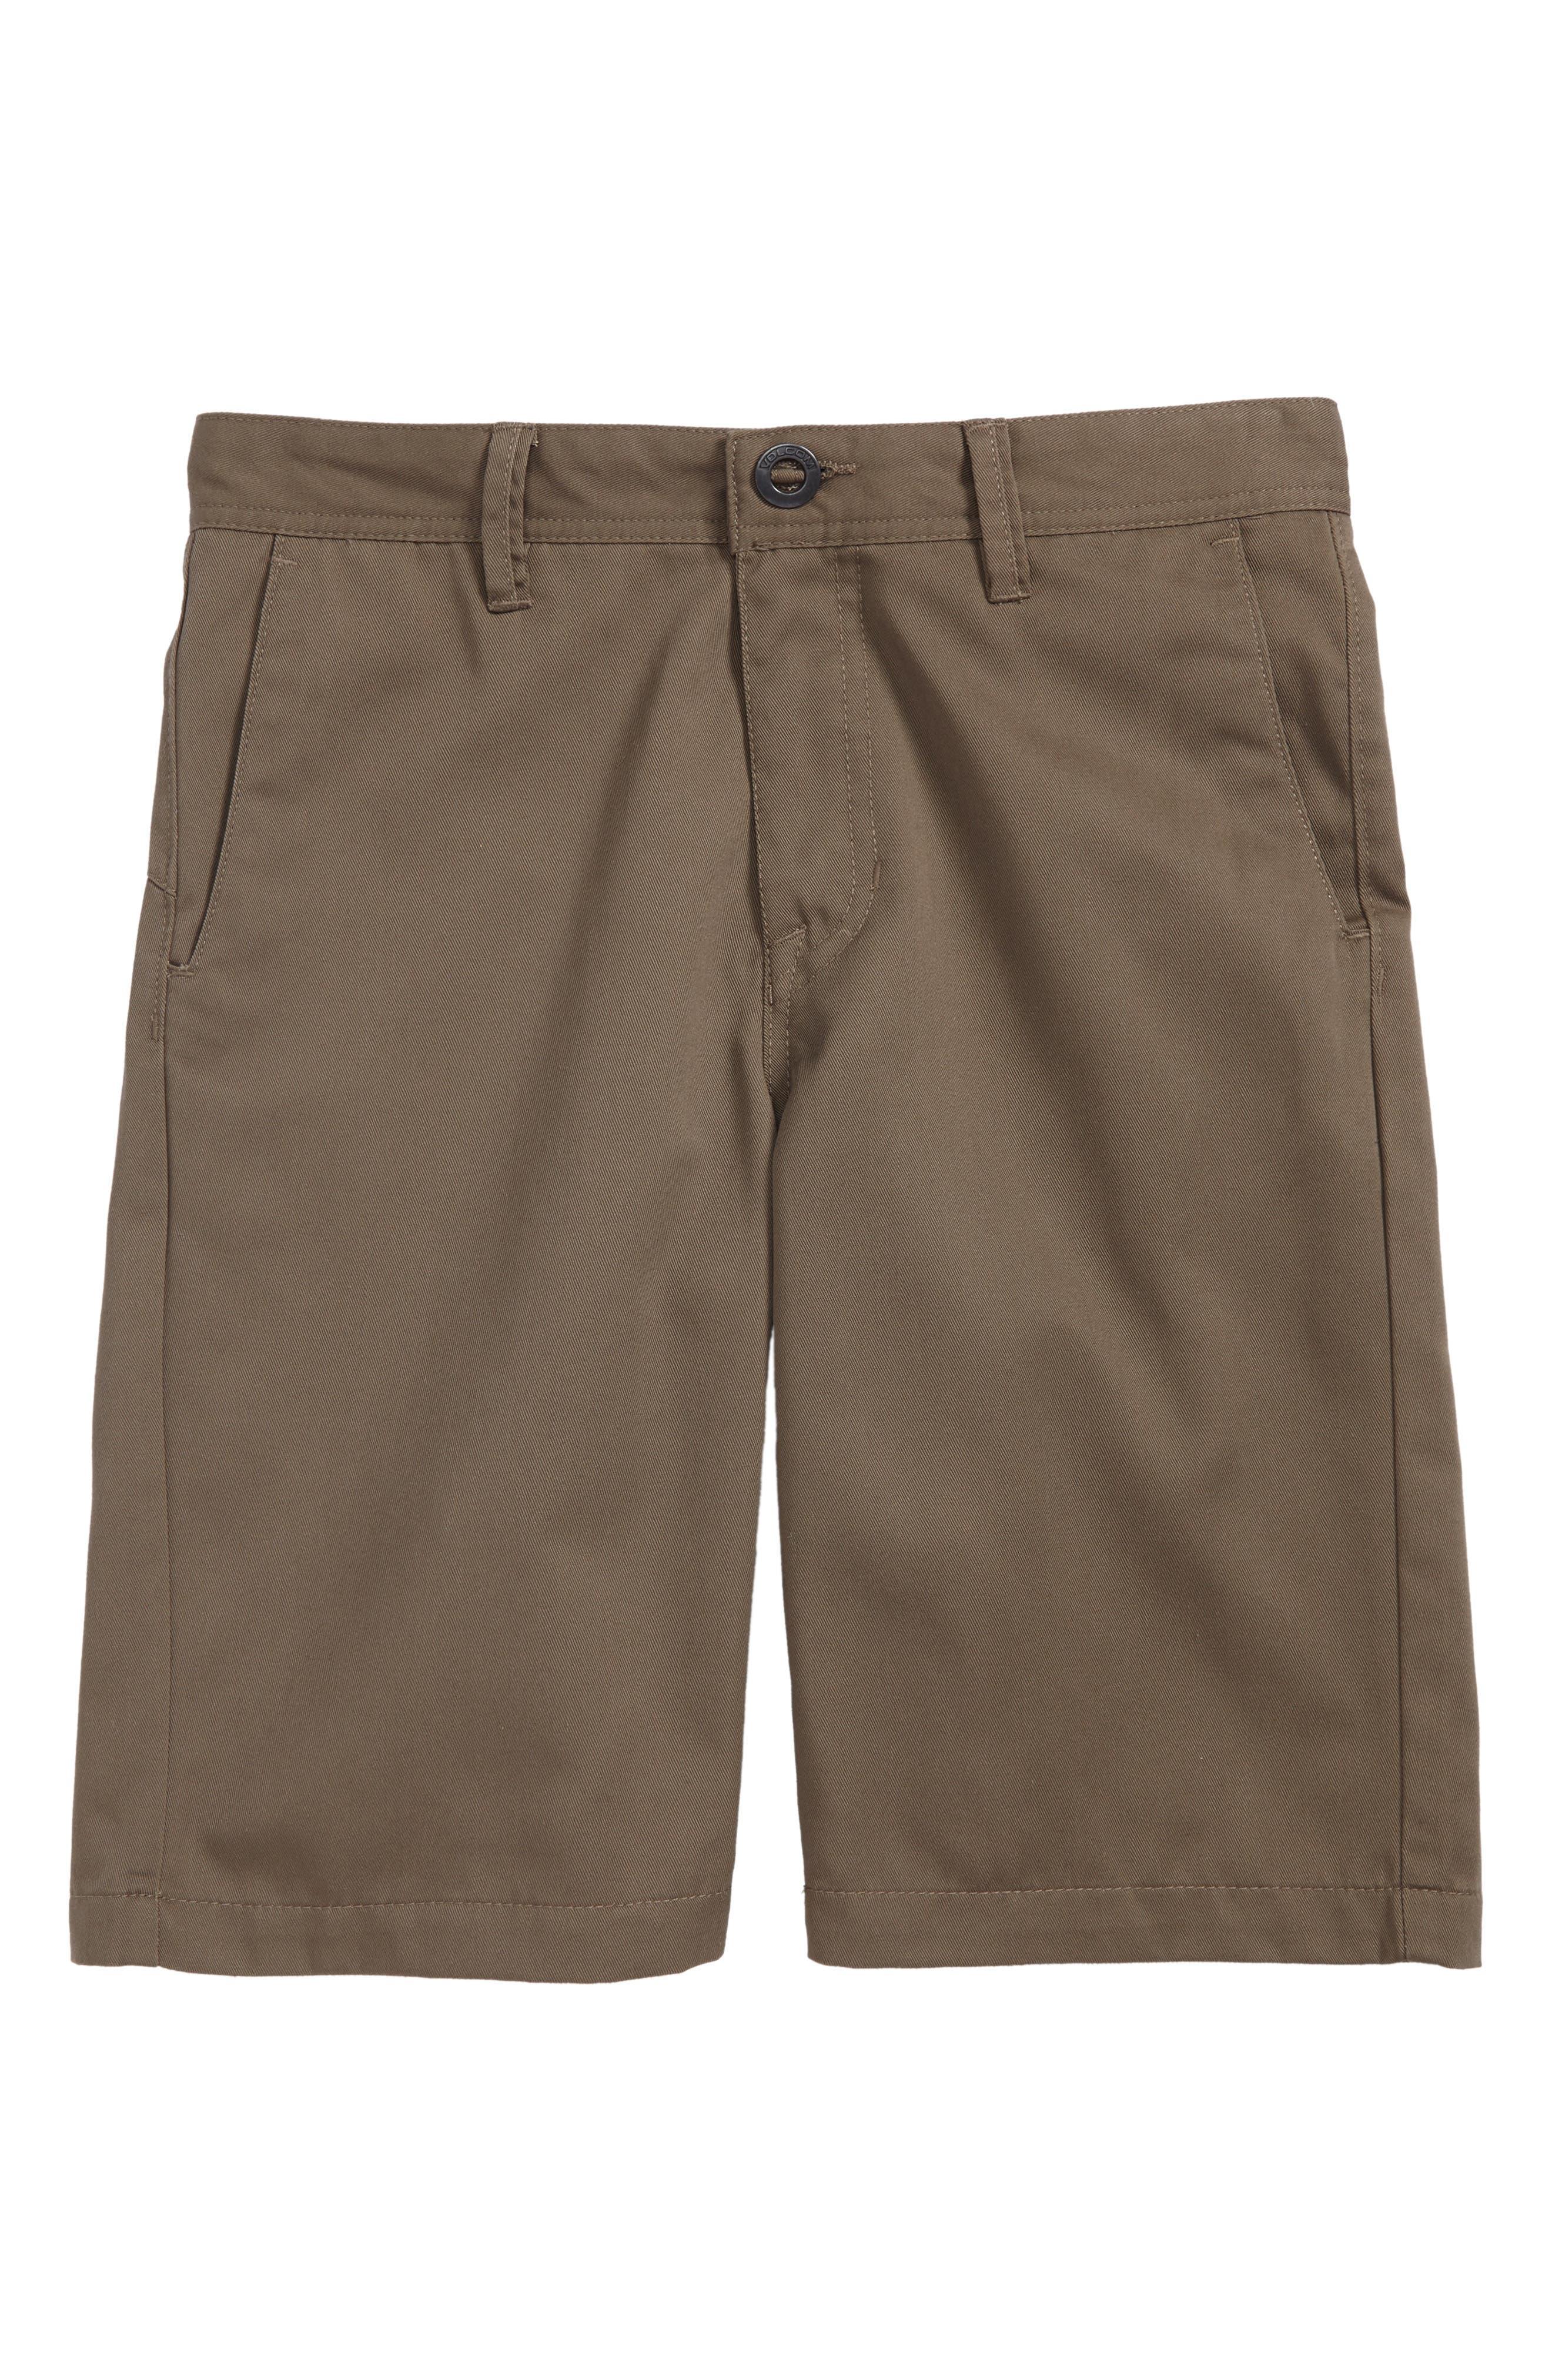 Chino Shorts,                         Main,                         color, MUSHROOM